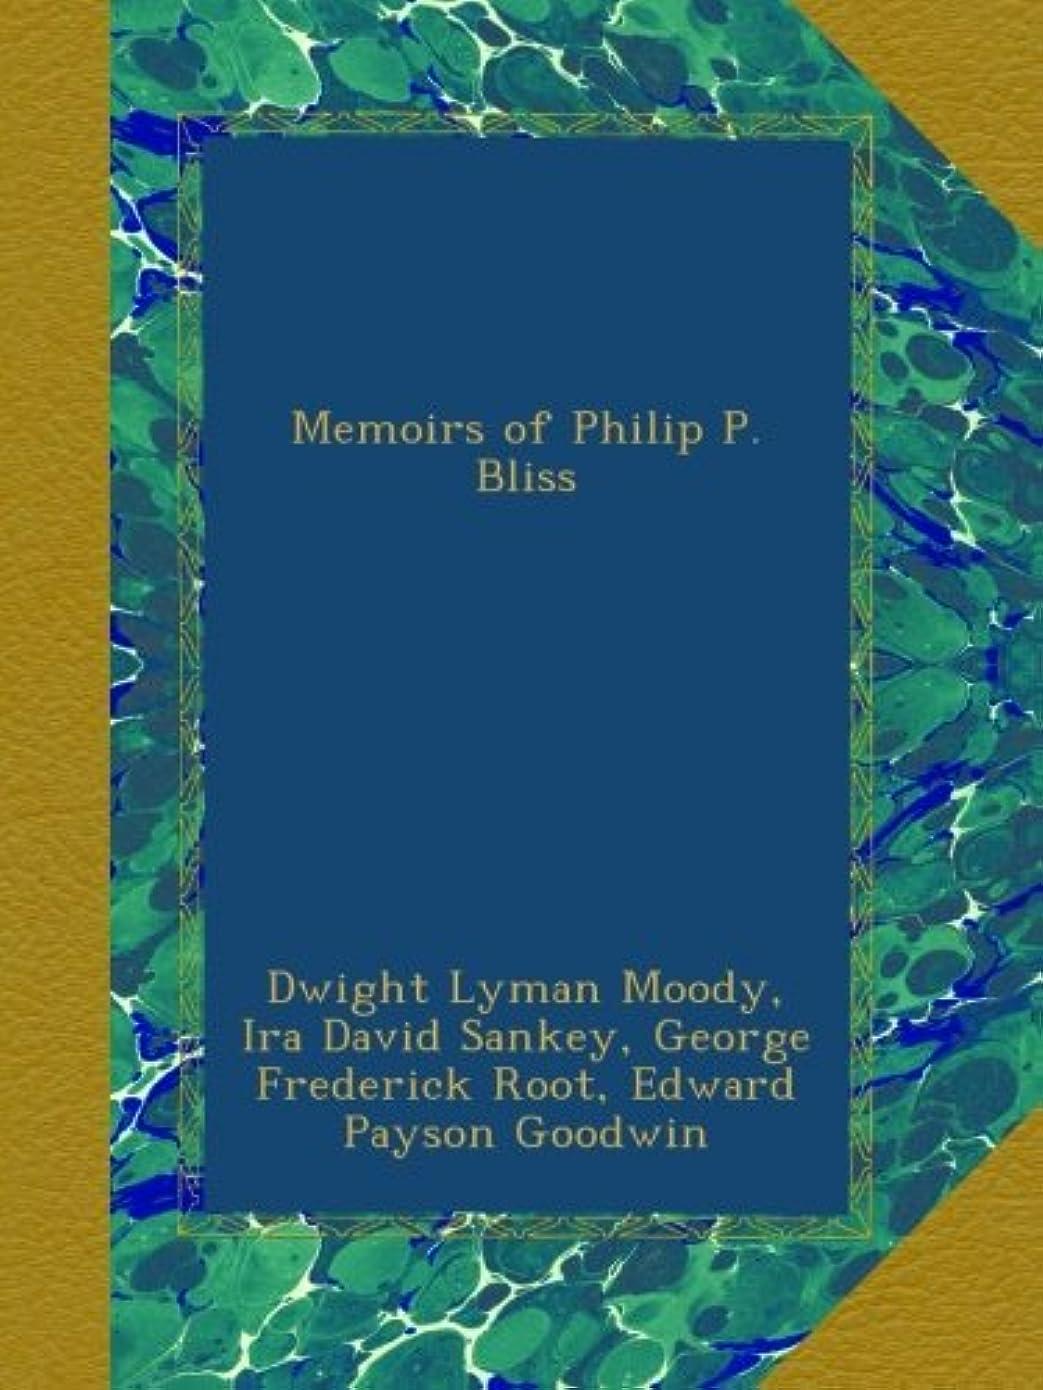 スチュワード通行人非効率的なMemoirs of Philip P. Bliss